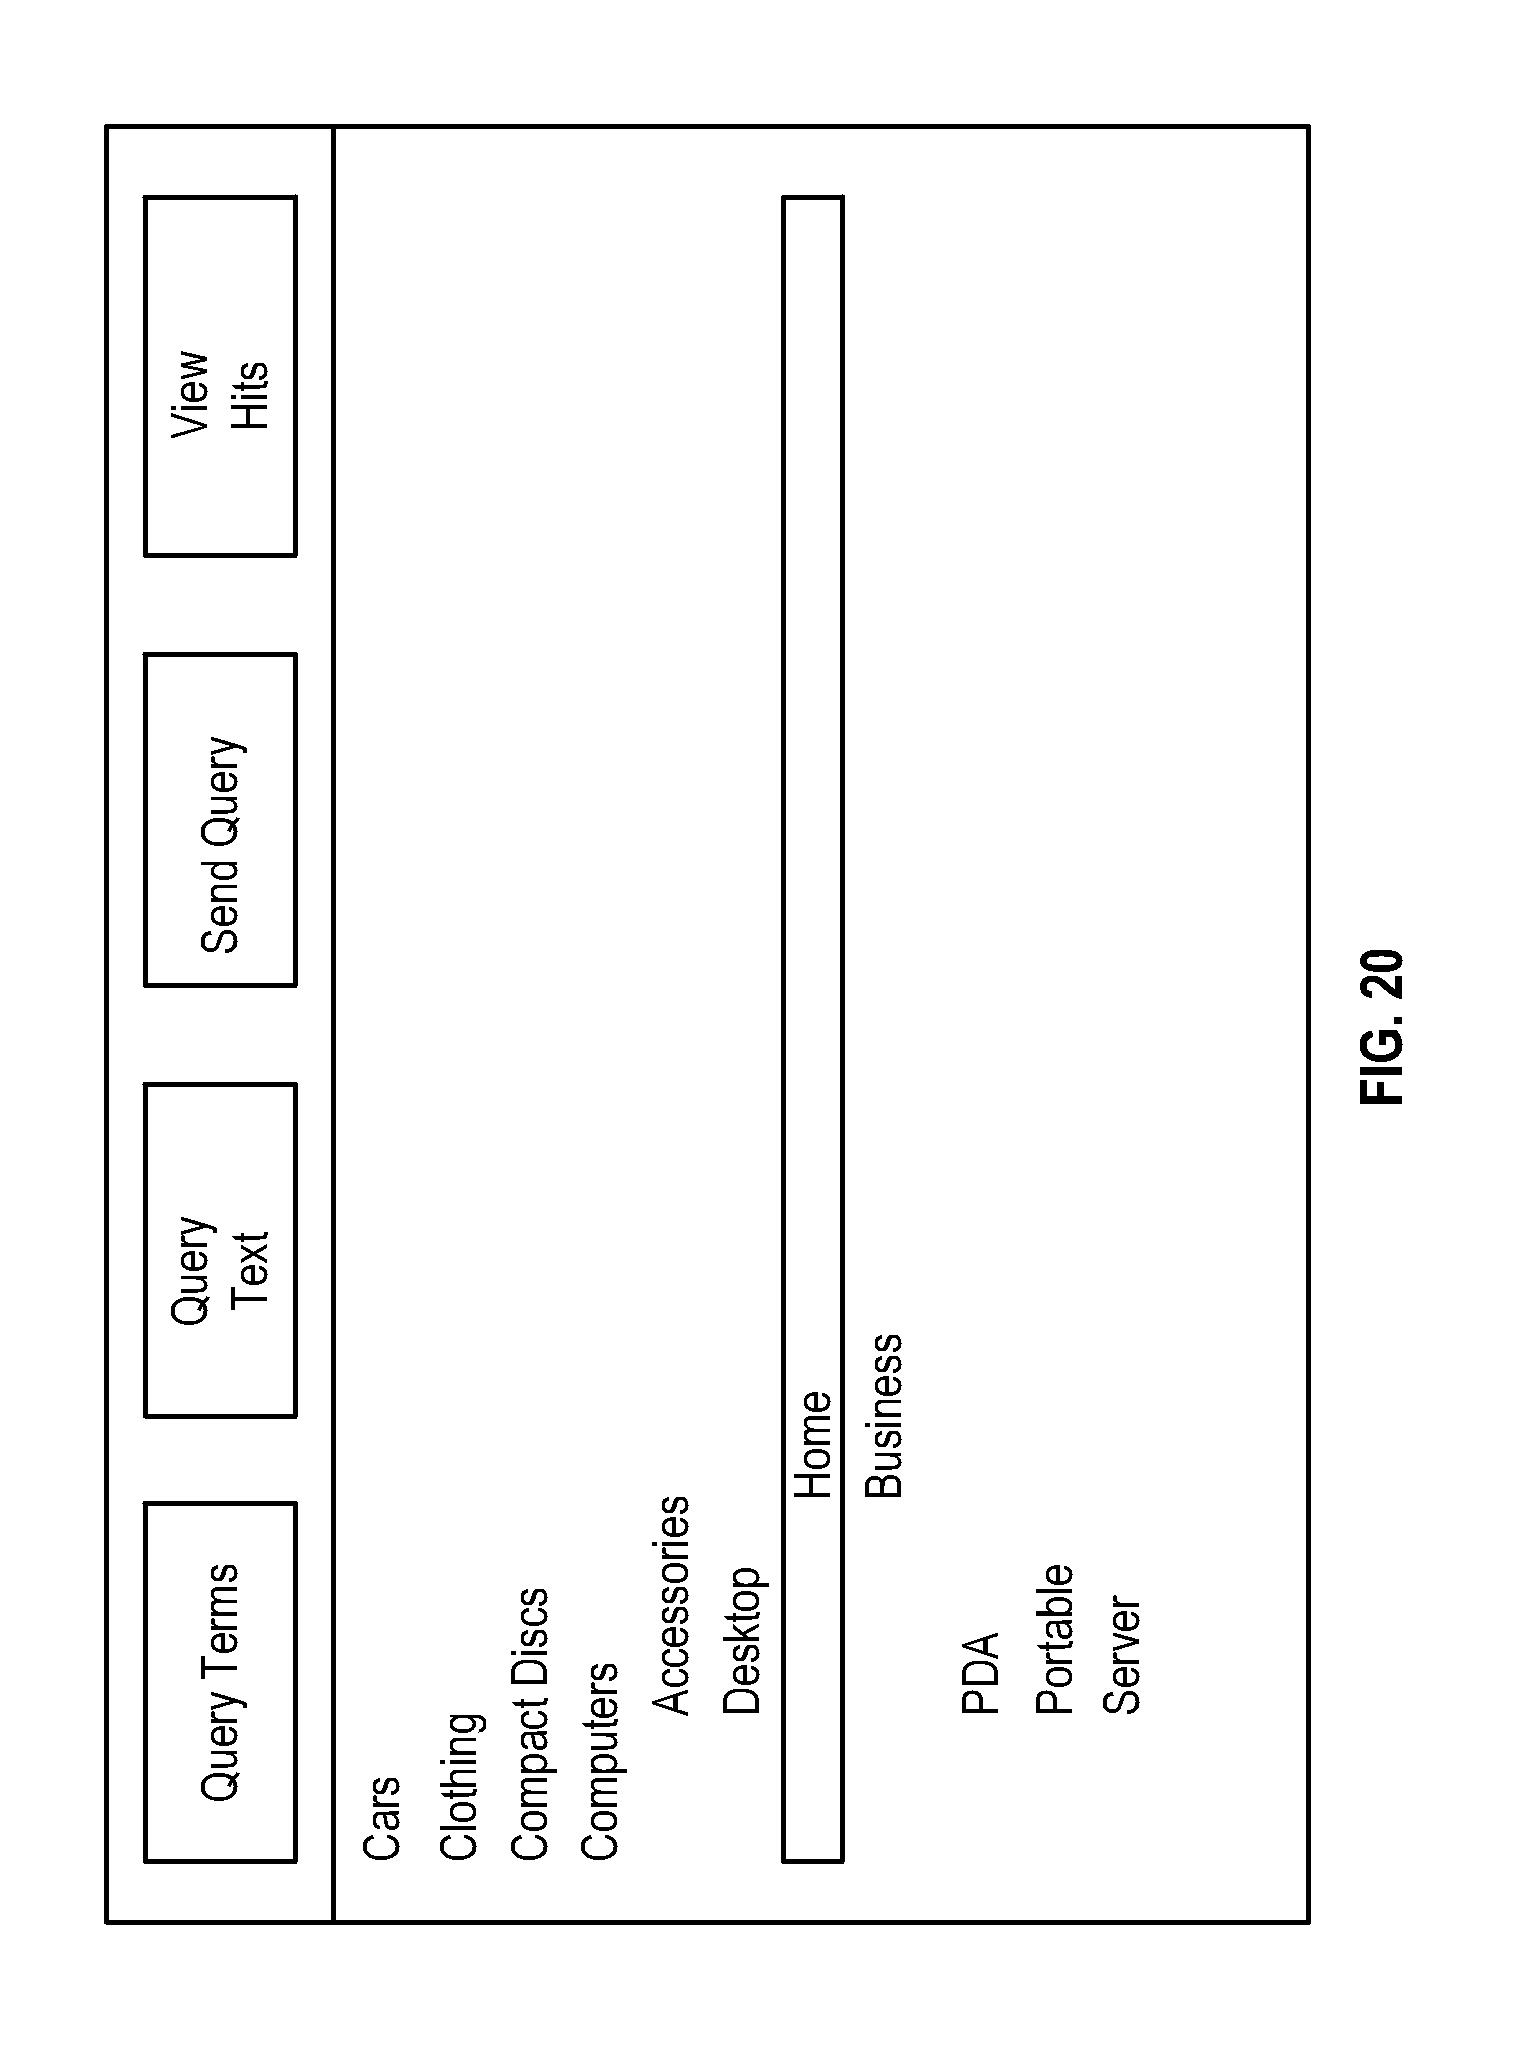 Merchant online Portal First data